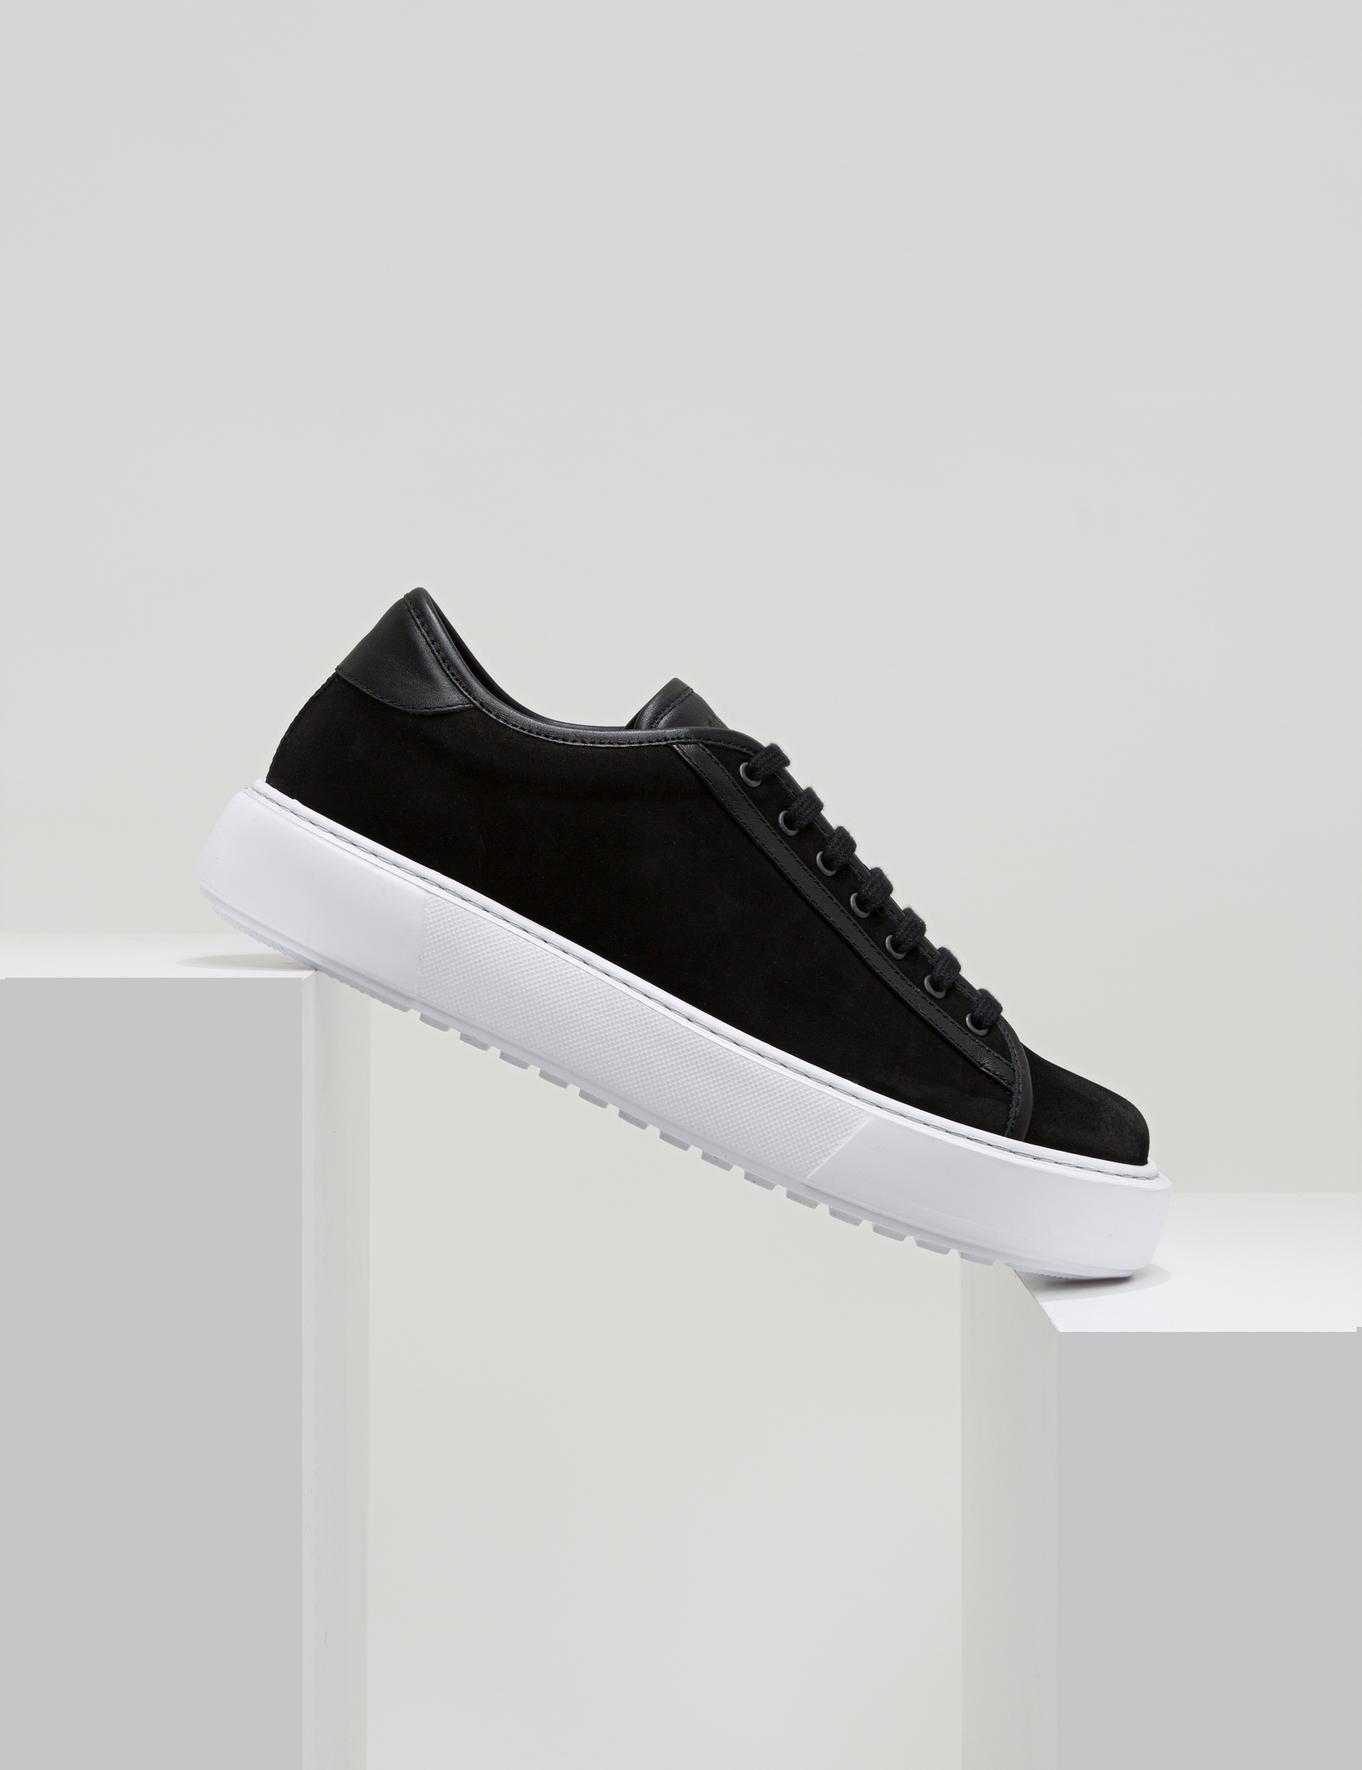 Siyah Klasik Ayakkabı - 50235881005